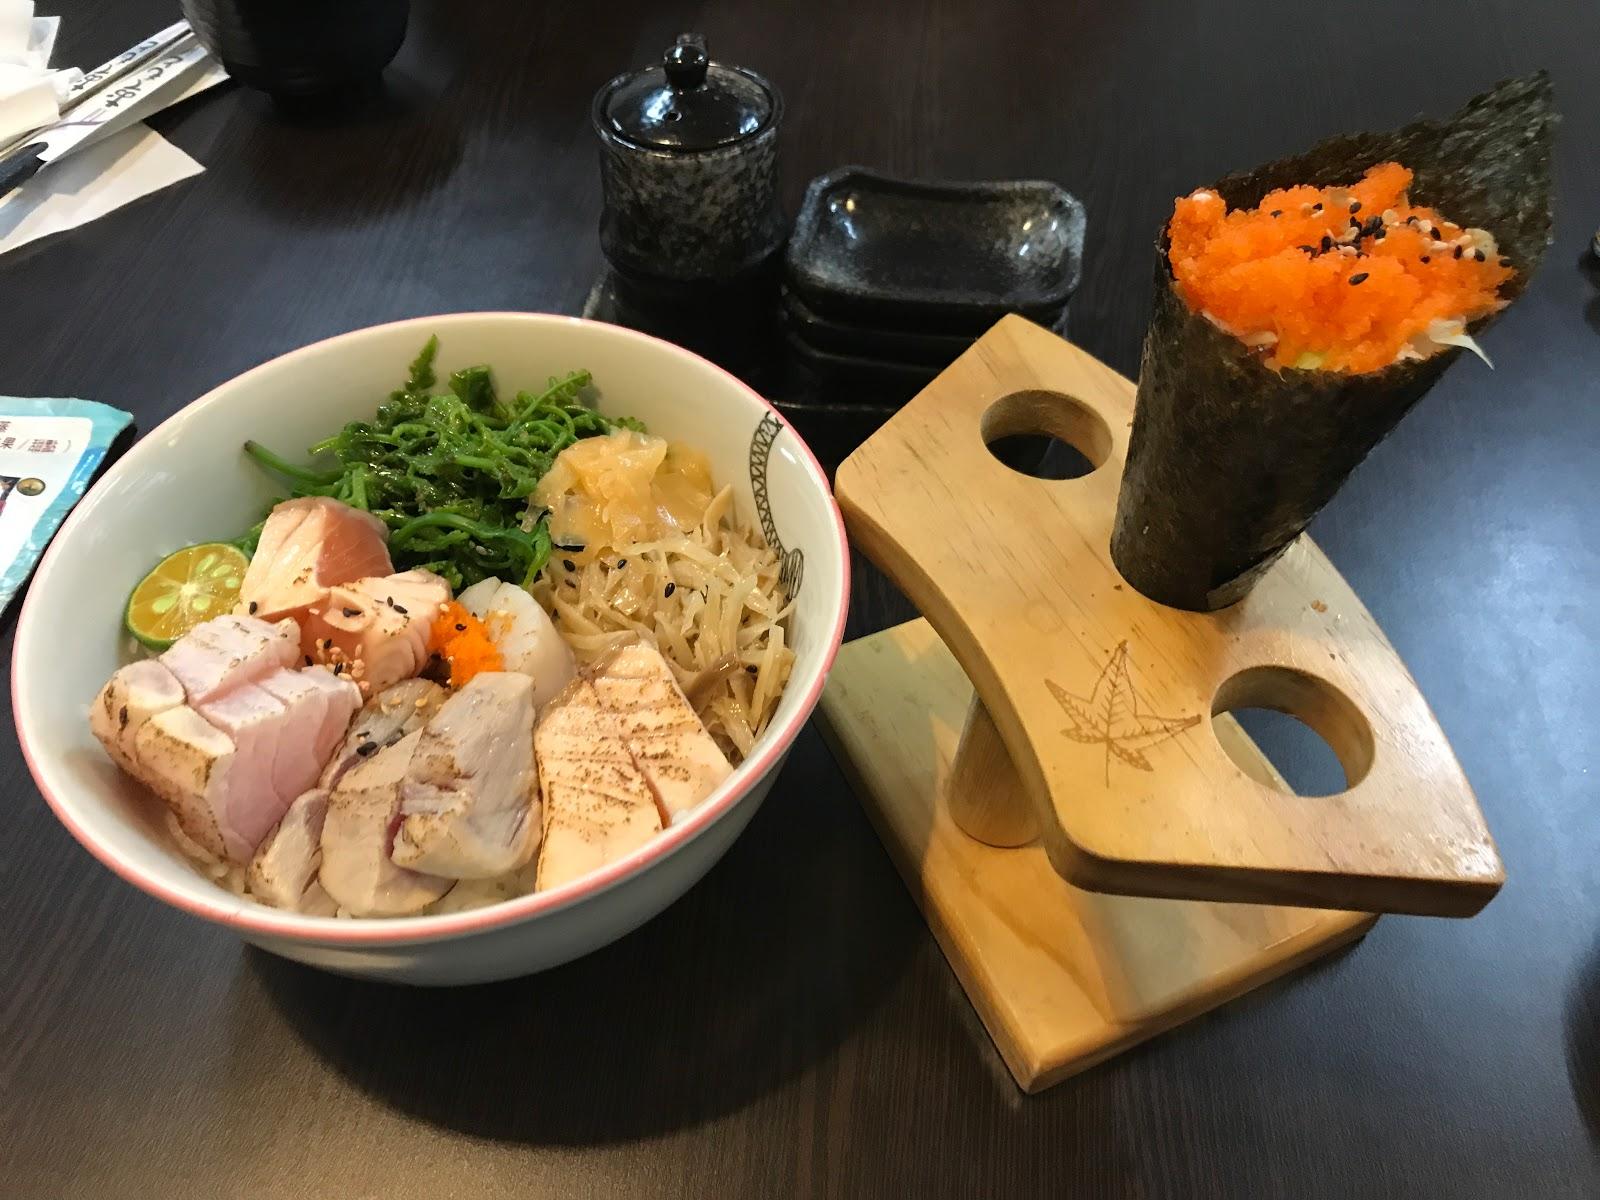 鮮魚丼日式平價料理 – 德琦雜記